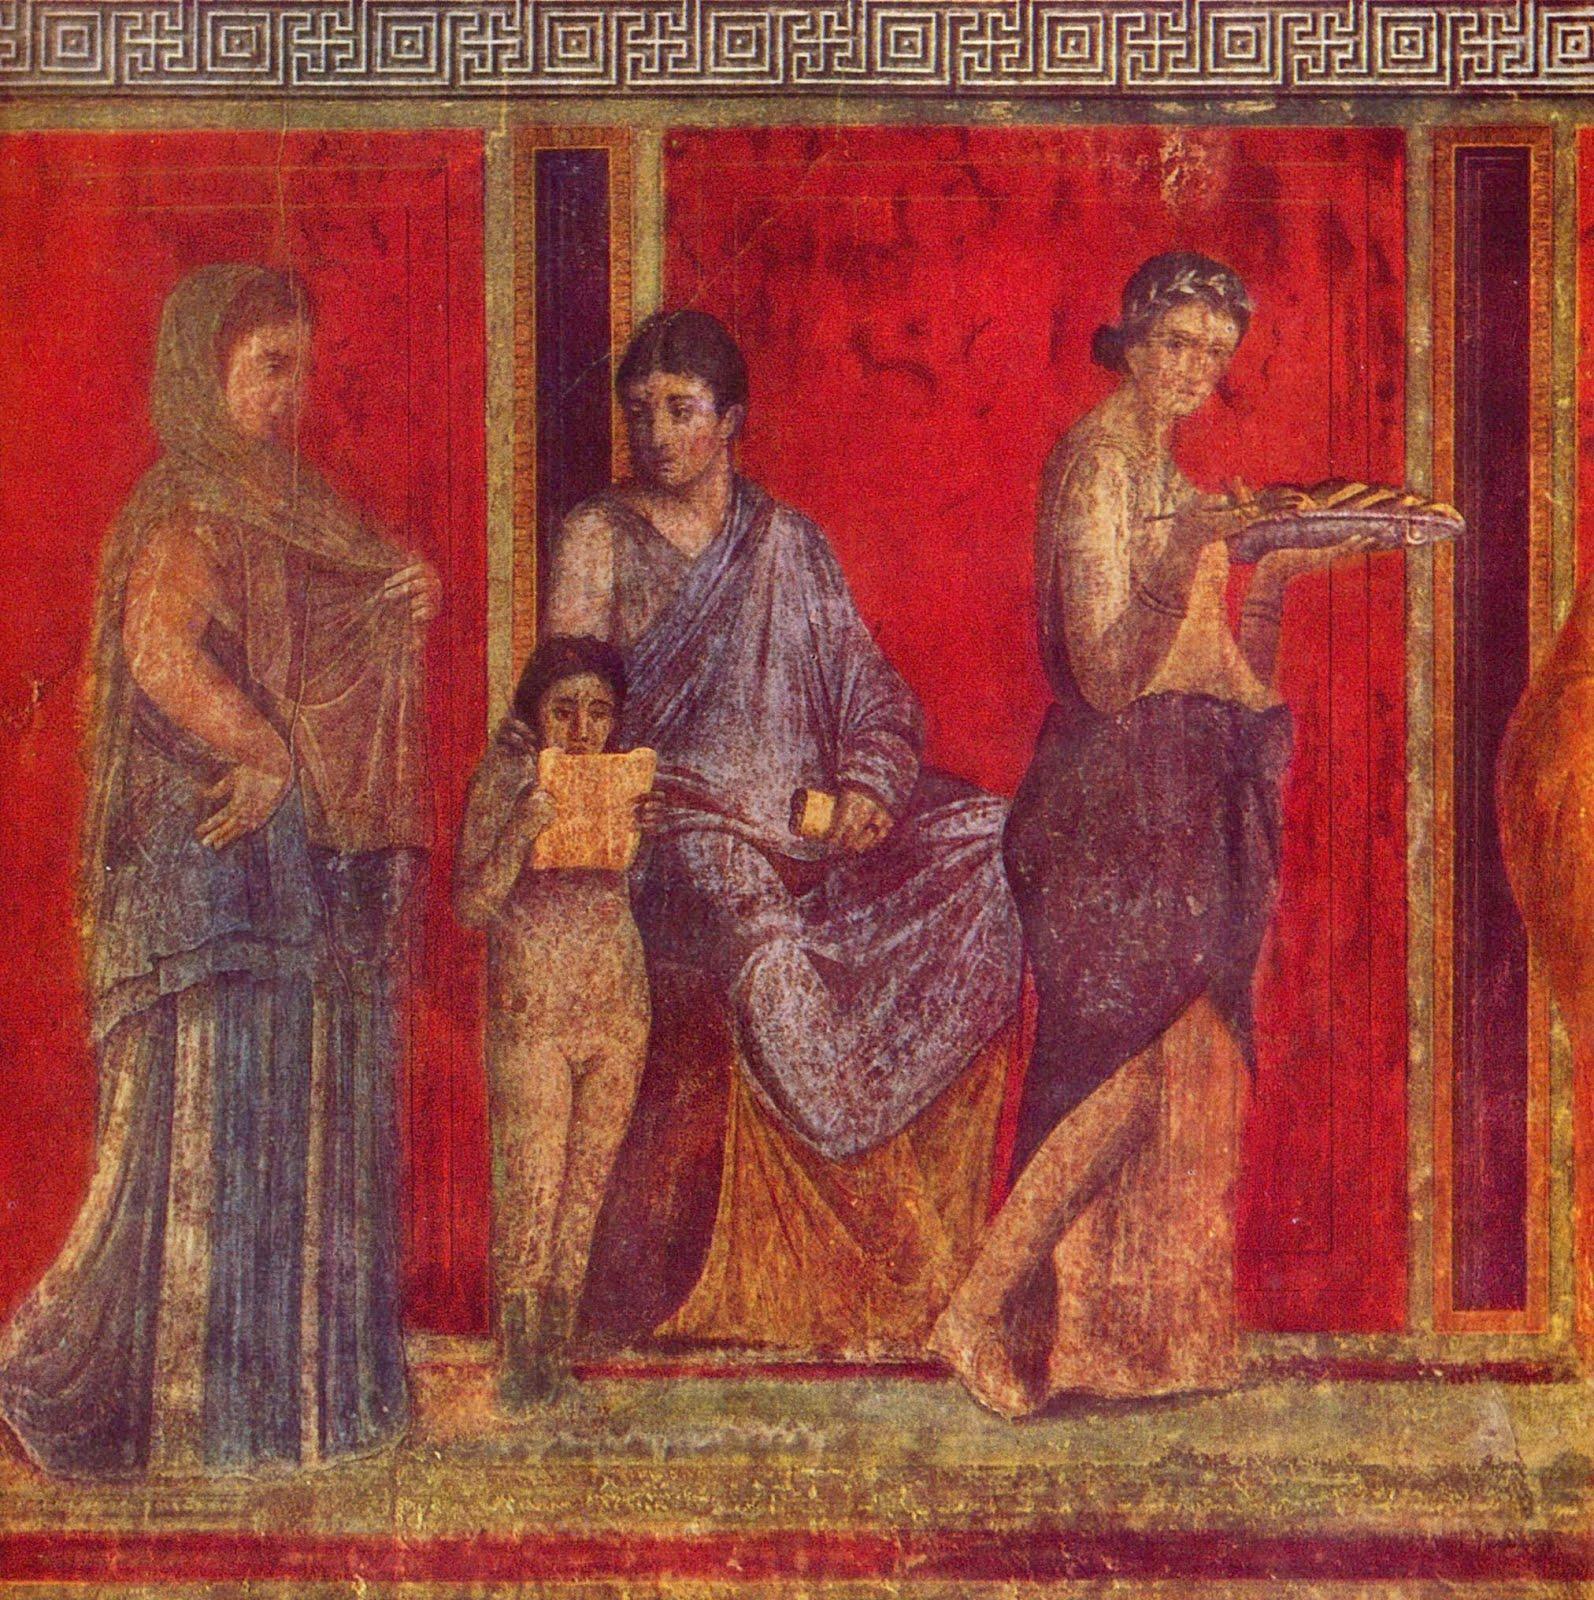 Pictură murală cu cinabru, Villa dei Misteri, Pompei. Sursa foto: Wikipedia